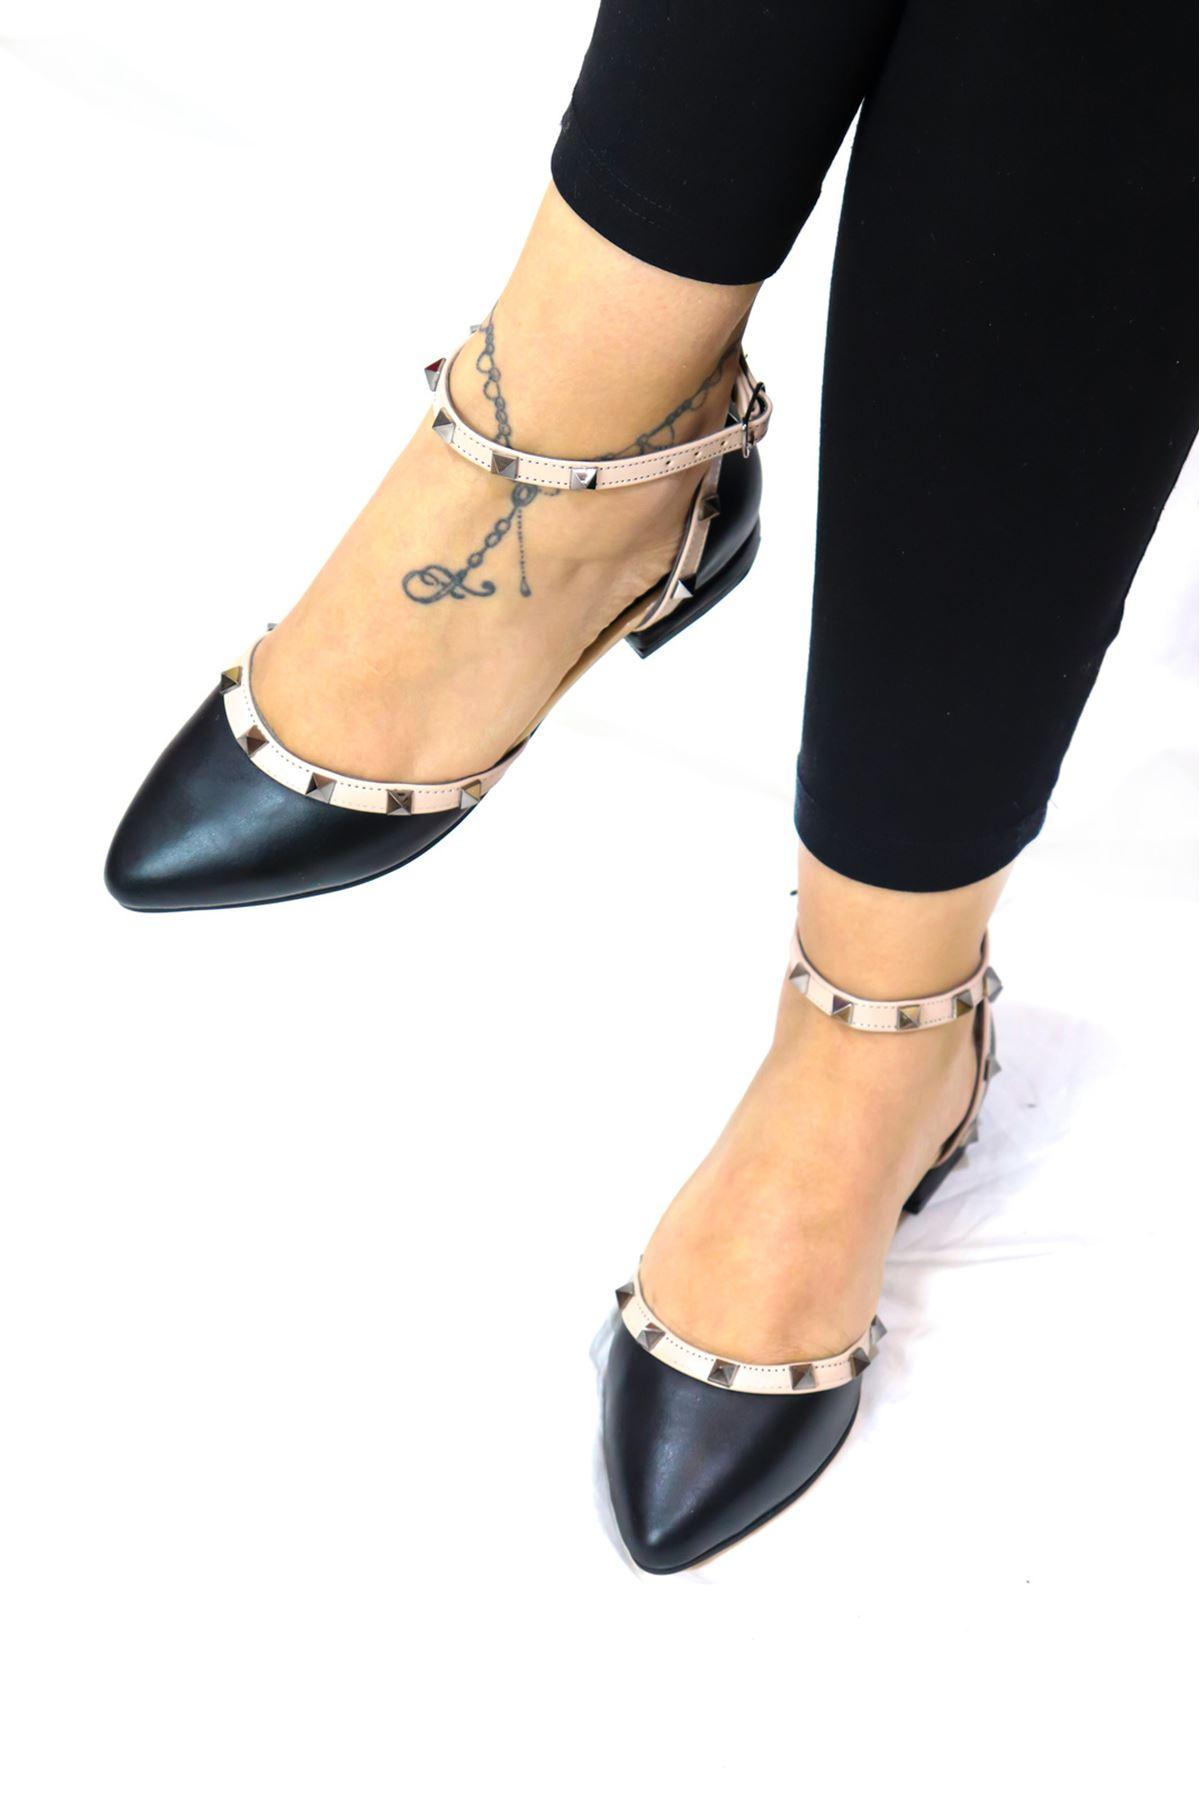 Trendayakkabı - Siyah Kadın Babet